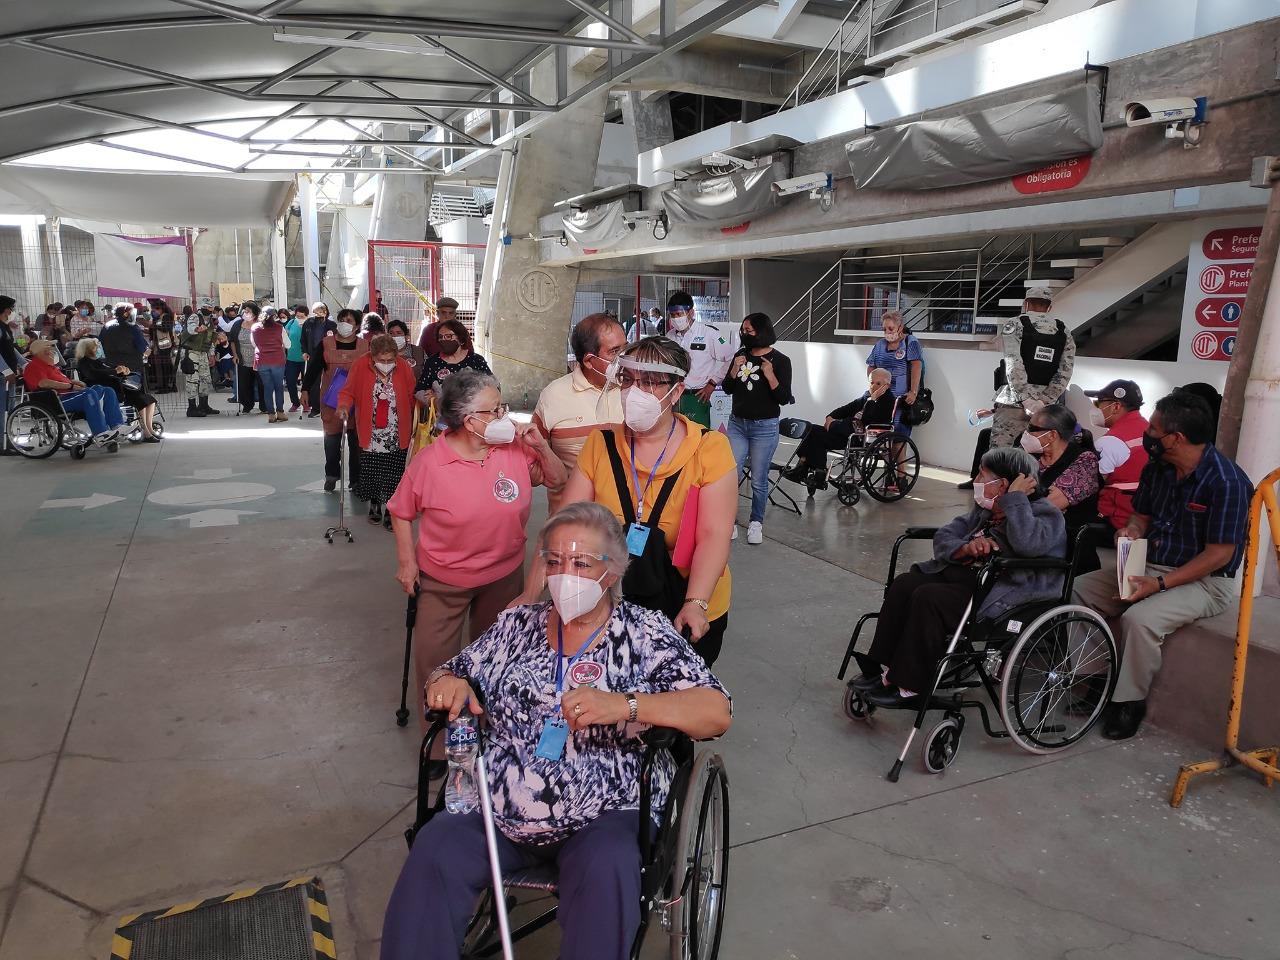 El Deportivo Toluca fue parte del inicio de un plan piloto para formar parte de la de vacunación contra COVID-19 para adultos mayores